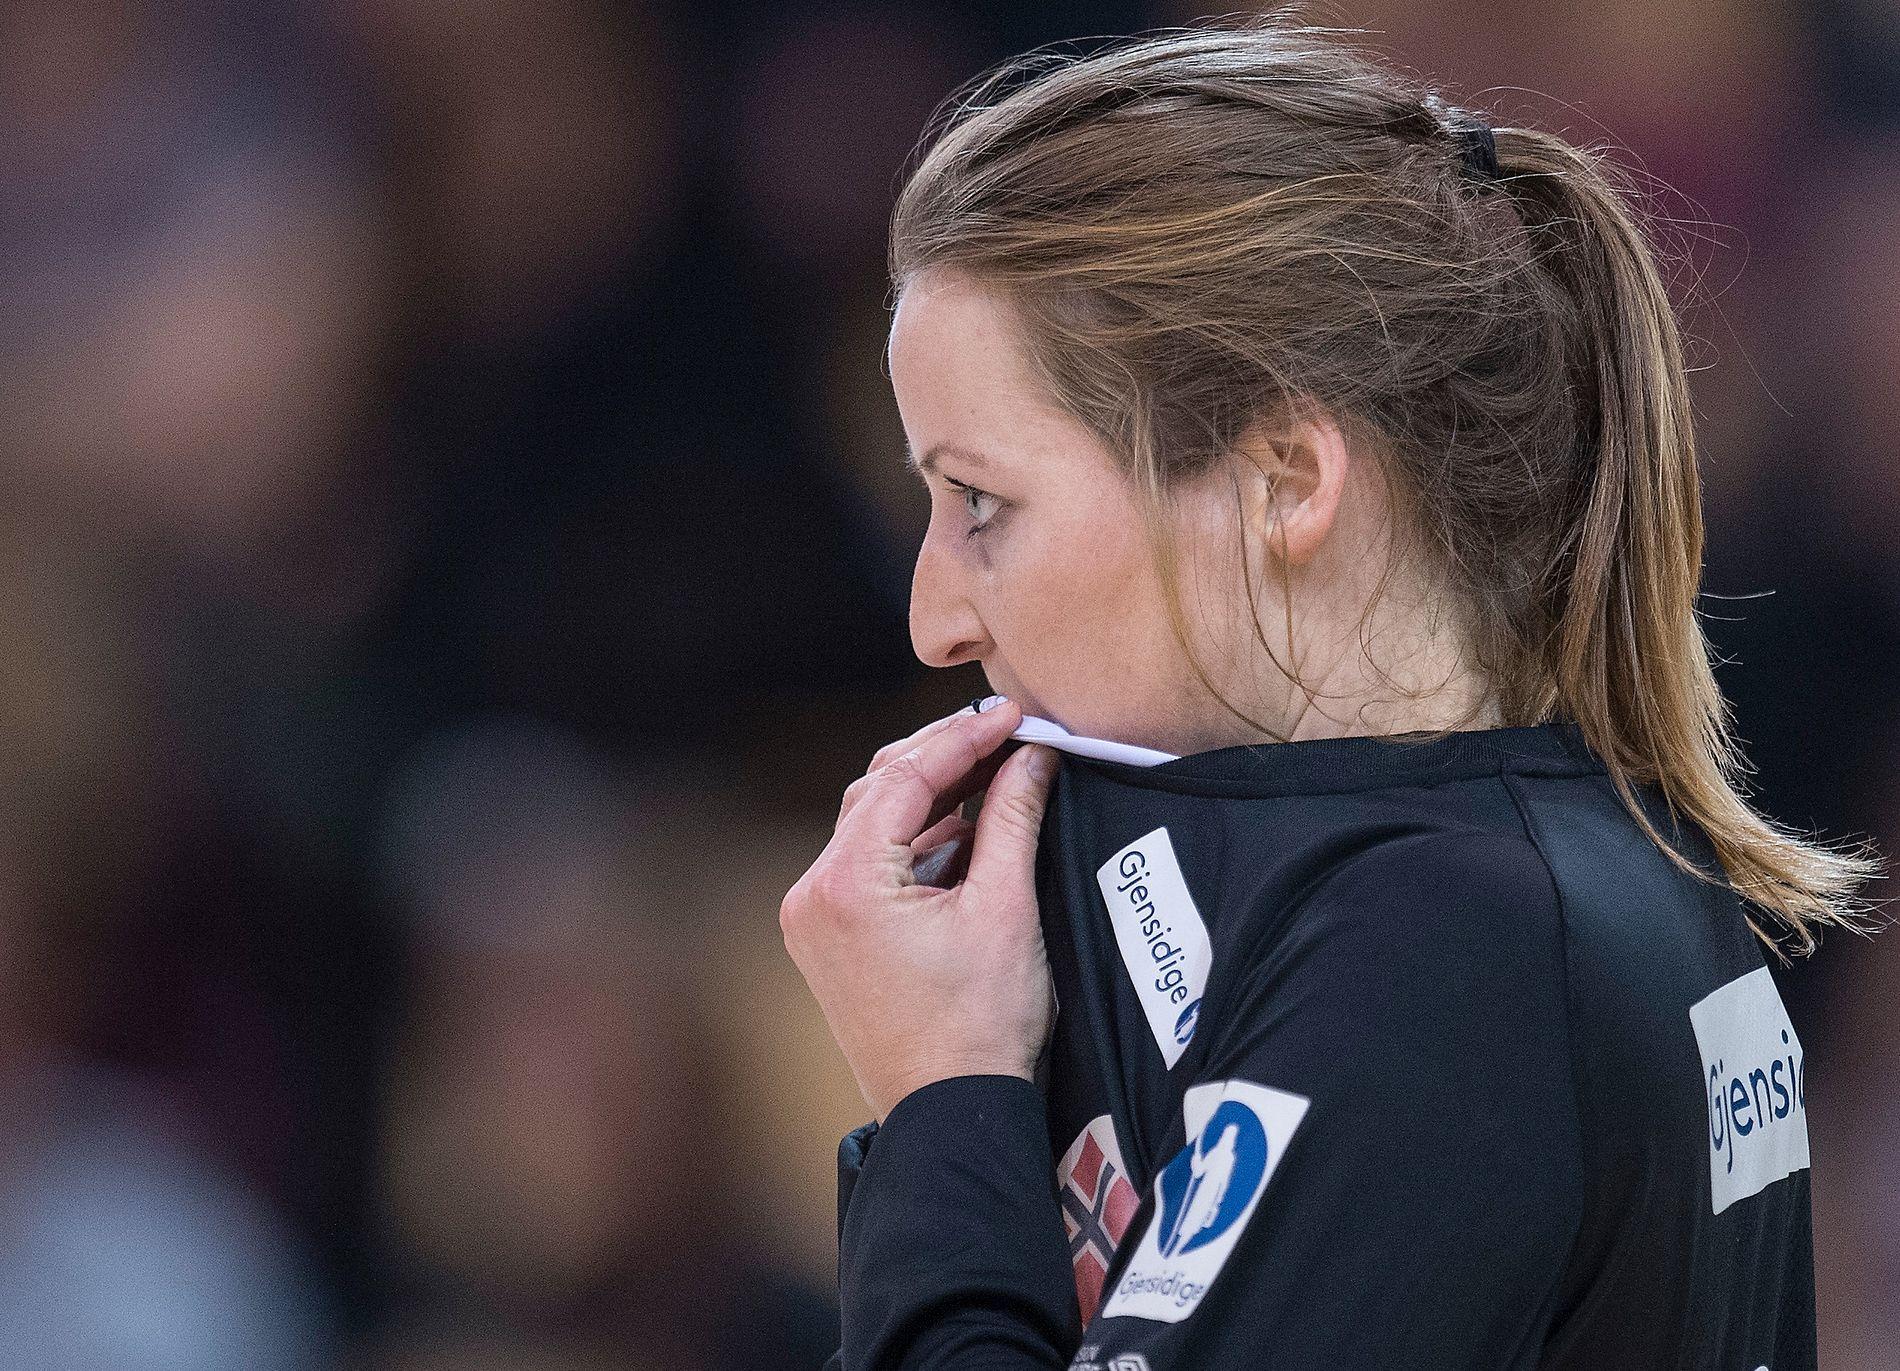 KOM TIL KORT: Silje Solberg uttrykker støtte til de OL-uttatte keeperne, men er på egne vegne veldig skuffet.